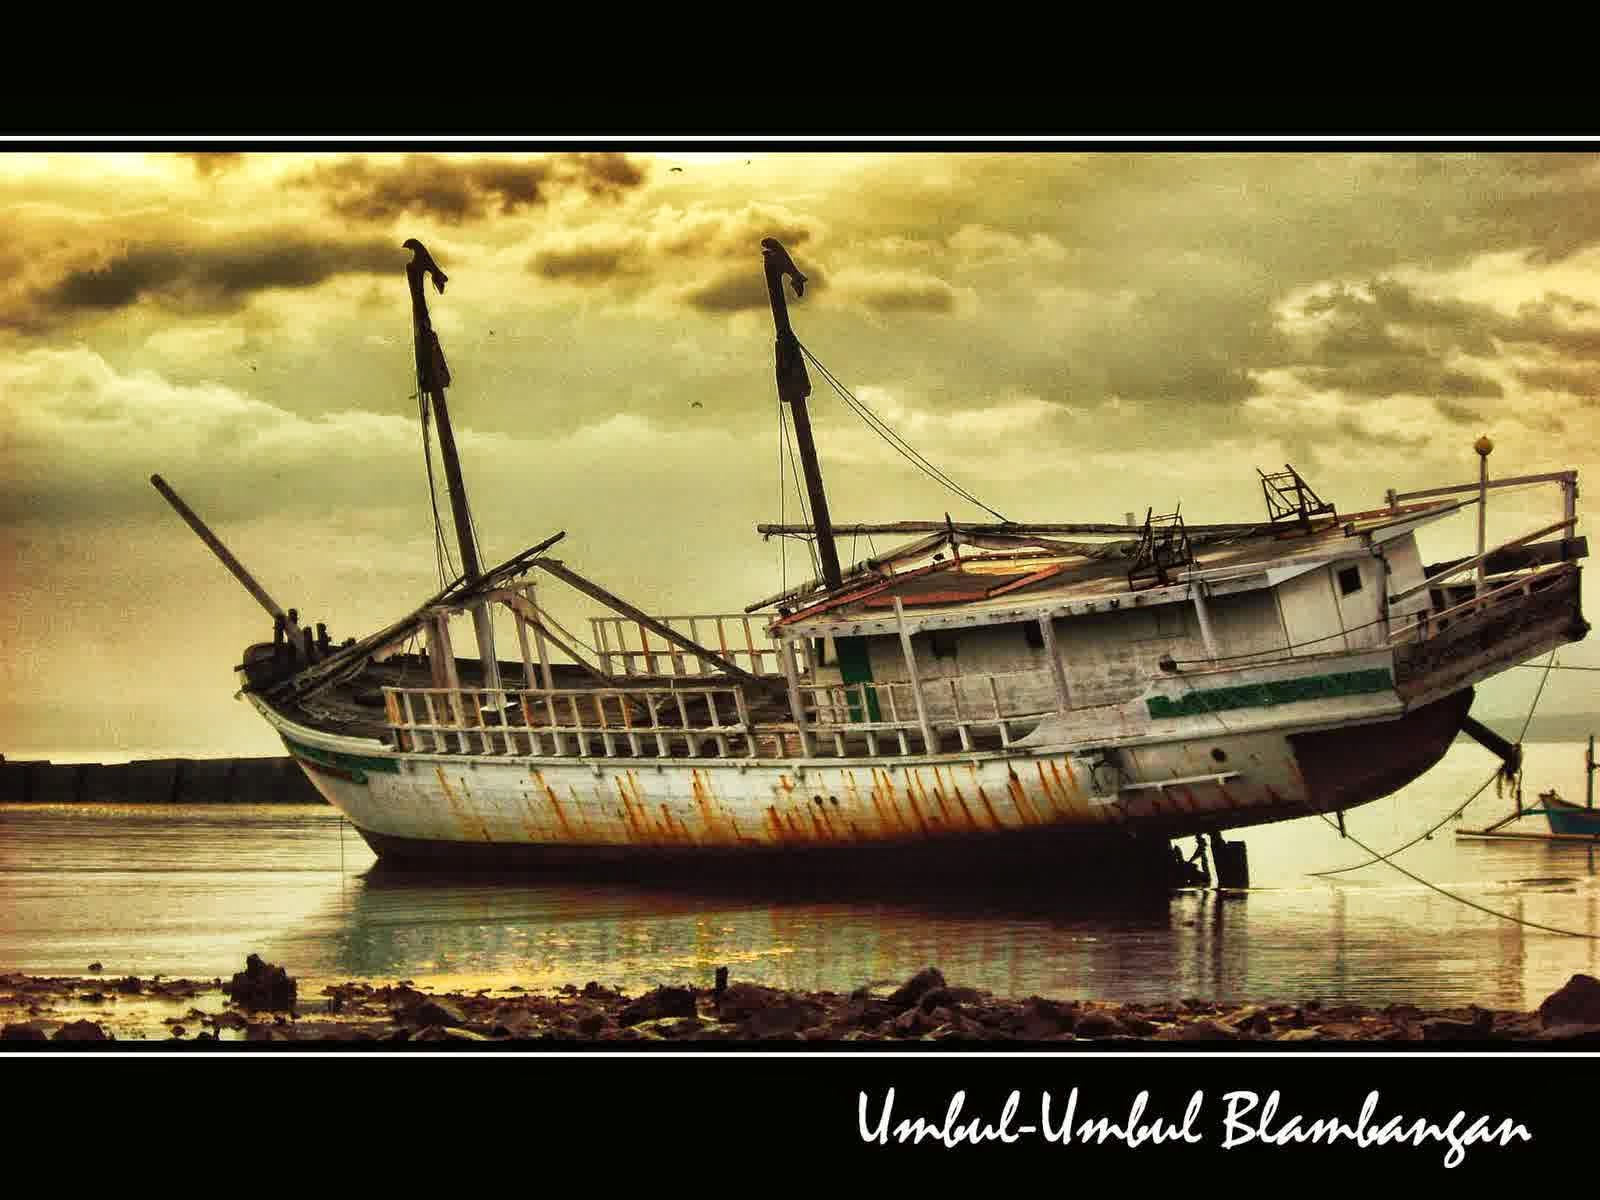 Tragedi Tenggelamnya Kapal Umbul Blambangan Tugu Inkai Kab Banyuwangi